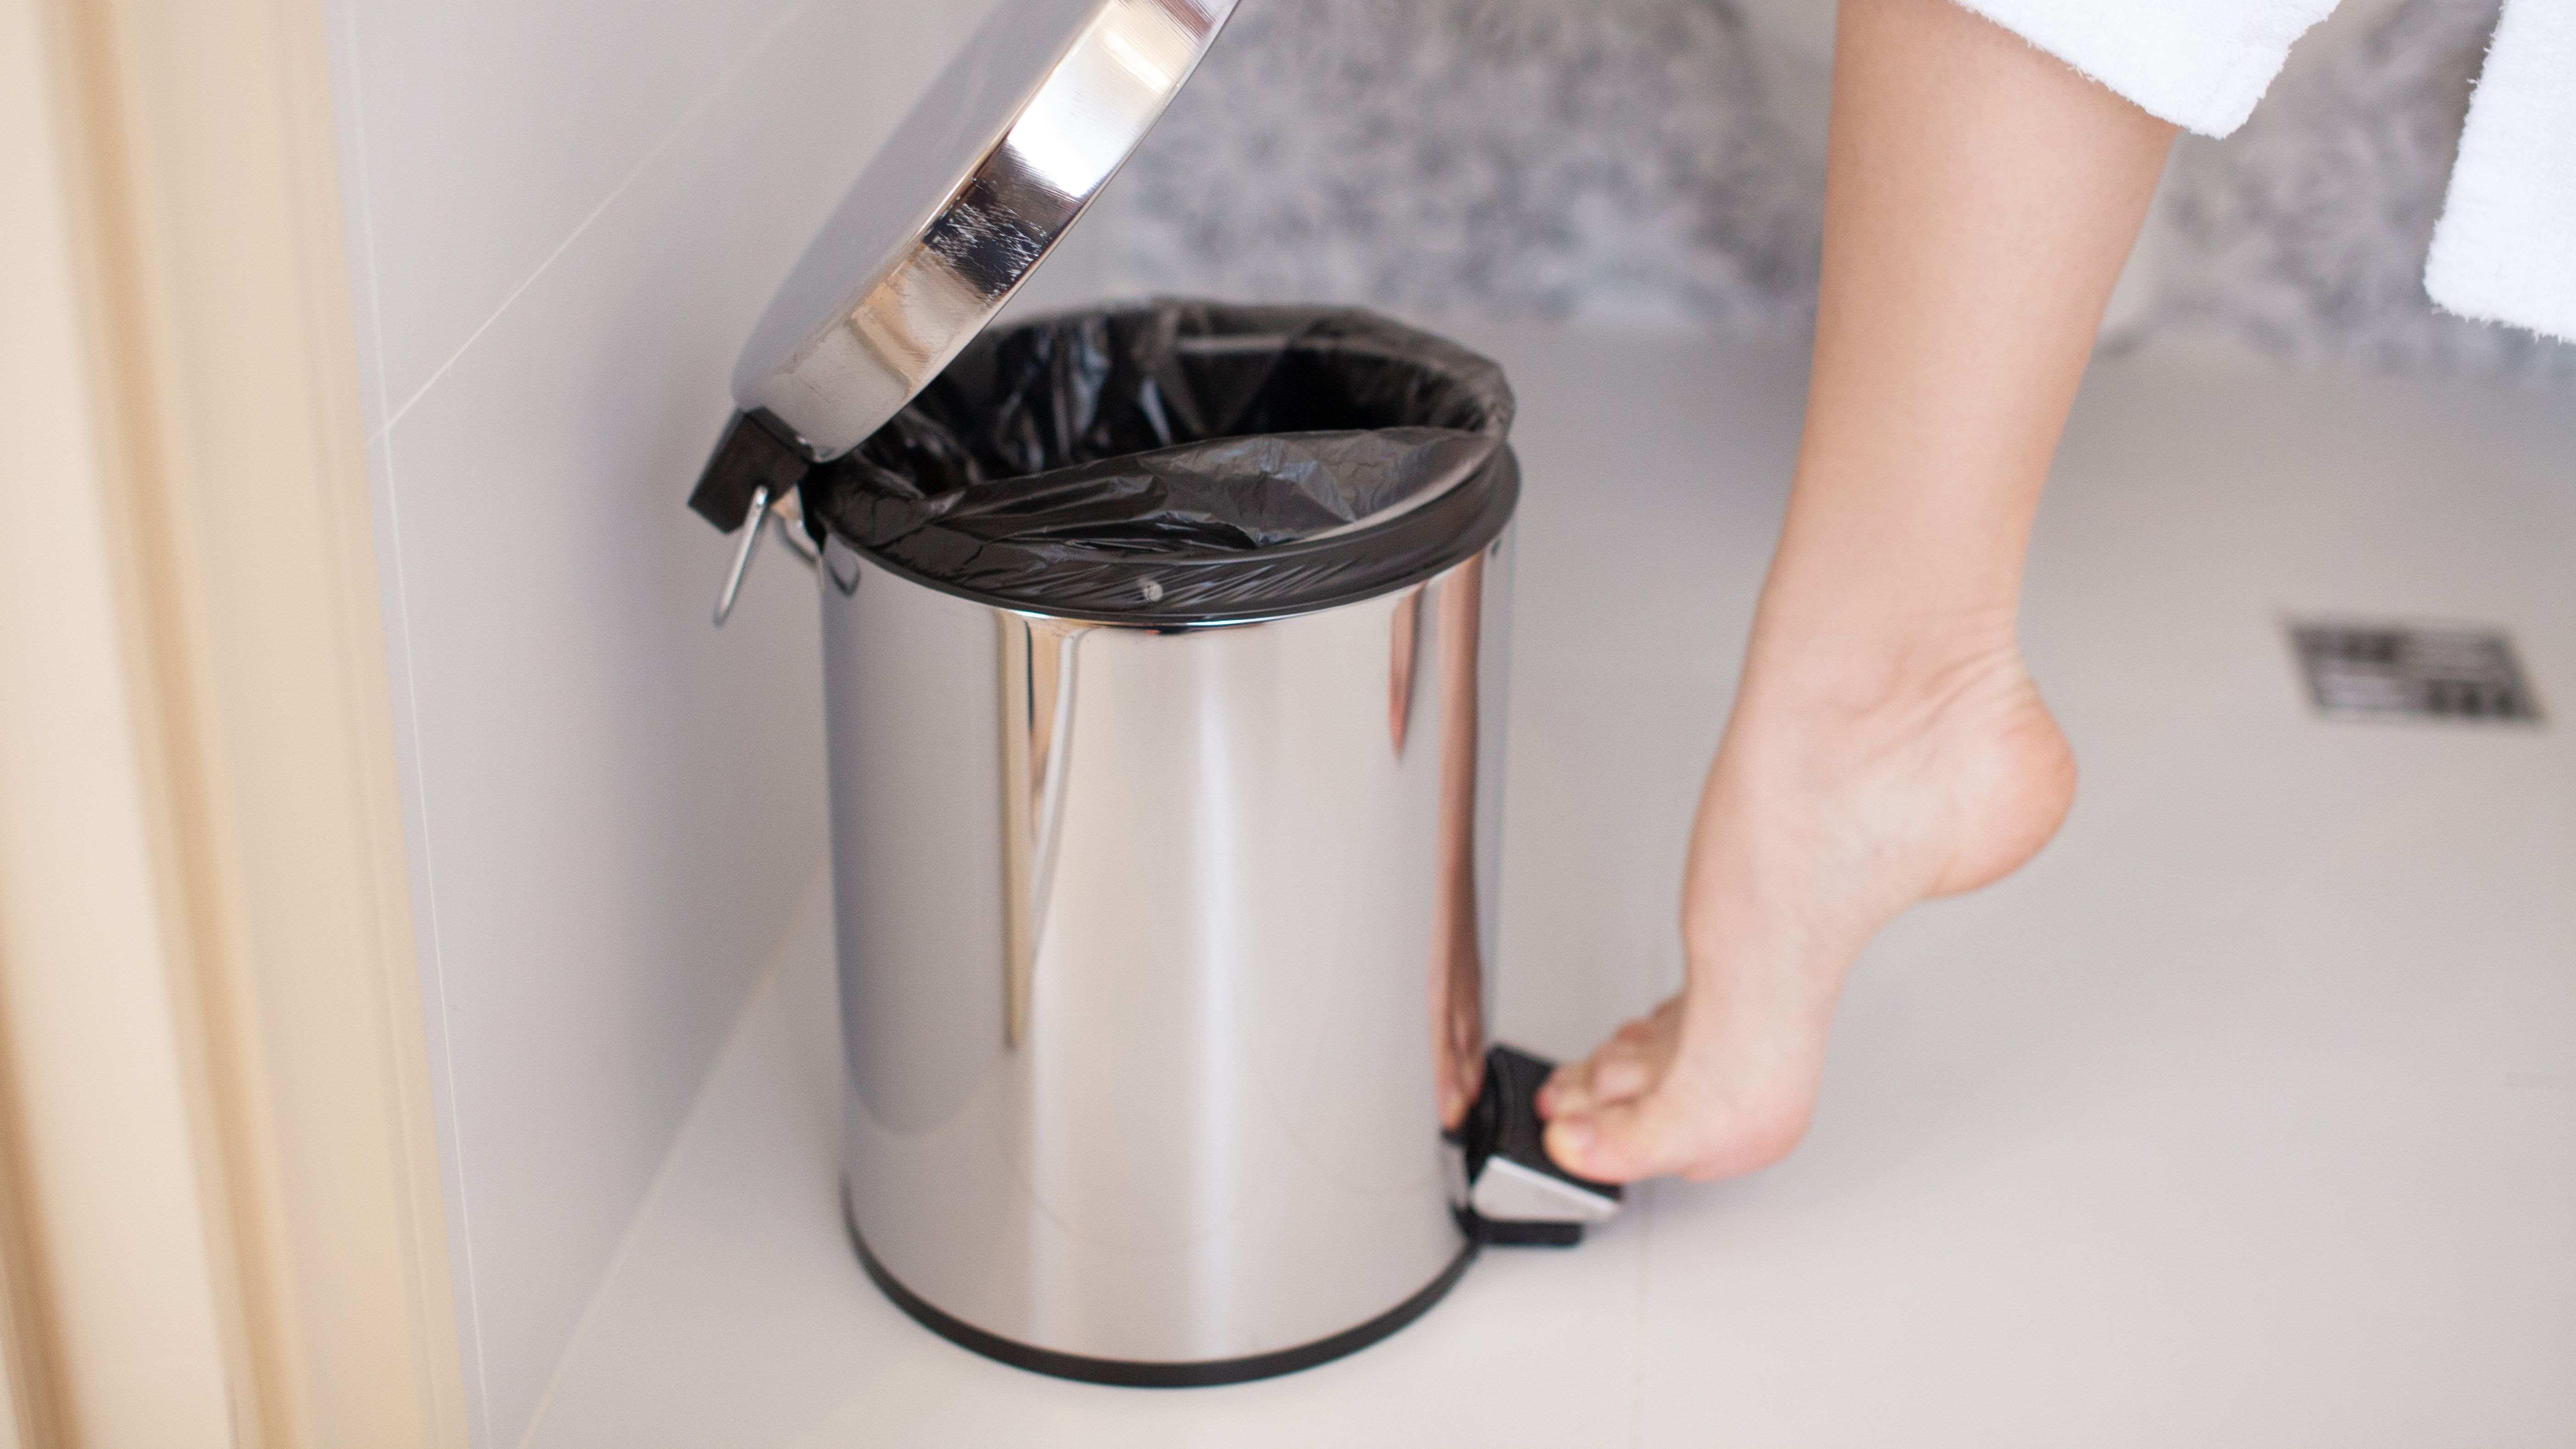 Bad-Abfallbehälter: So treffen Sie die richtige Wahl